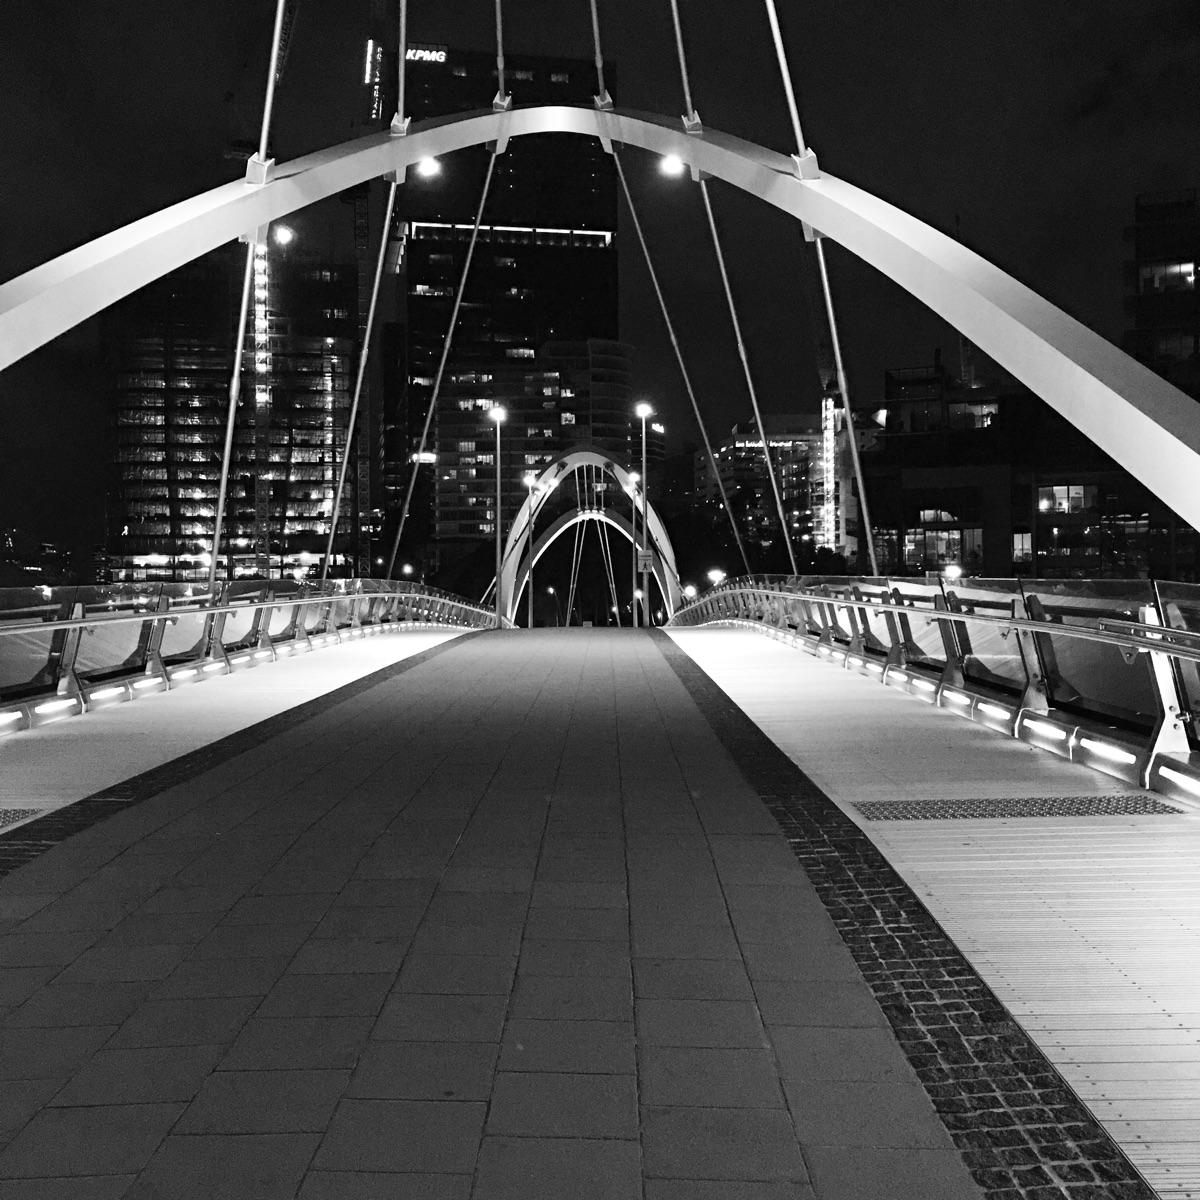 Walking future...@elloaustralia - minnowzola | ello